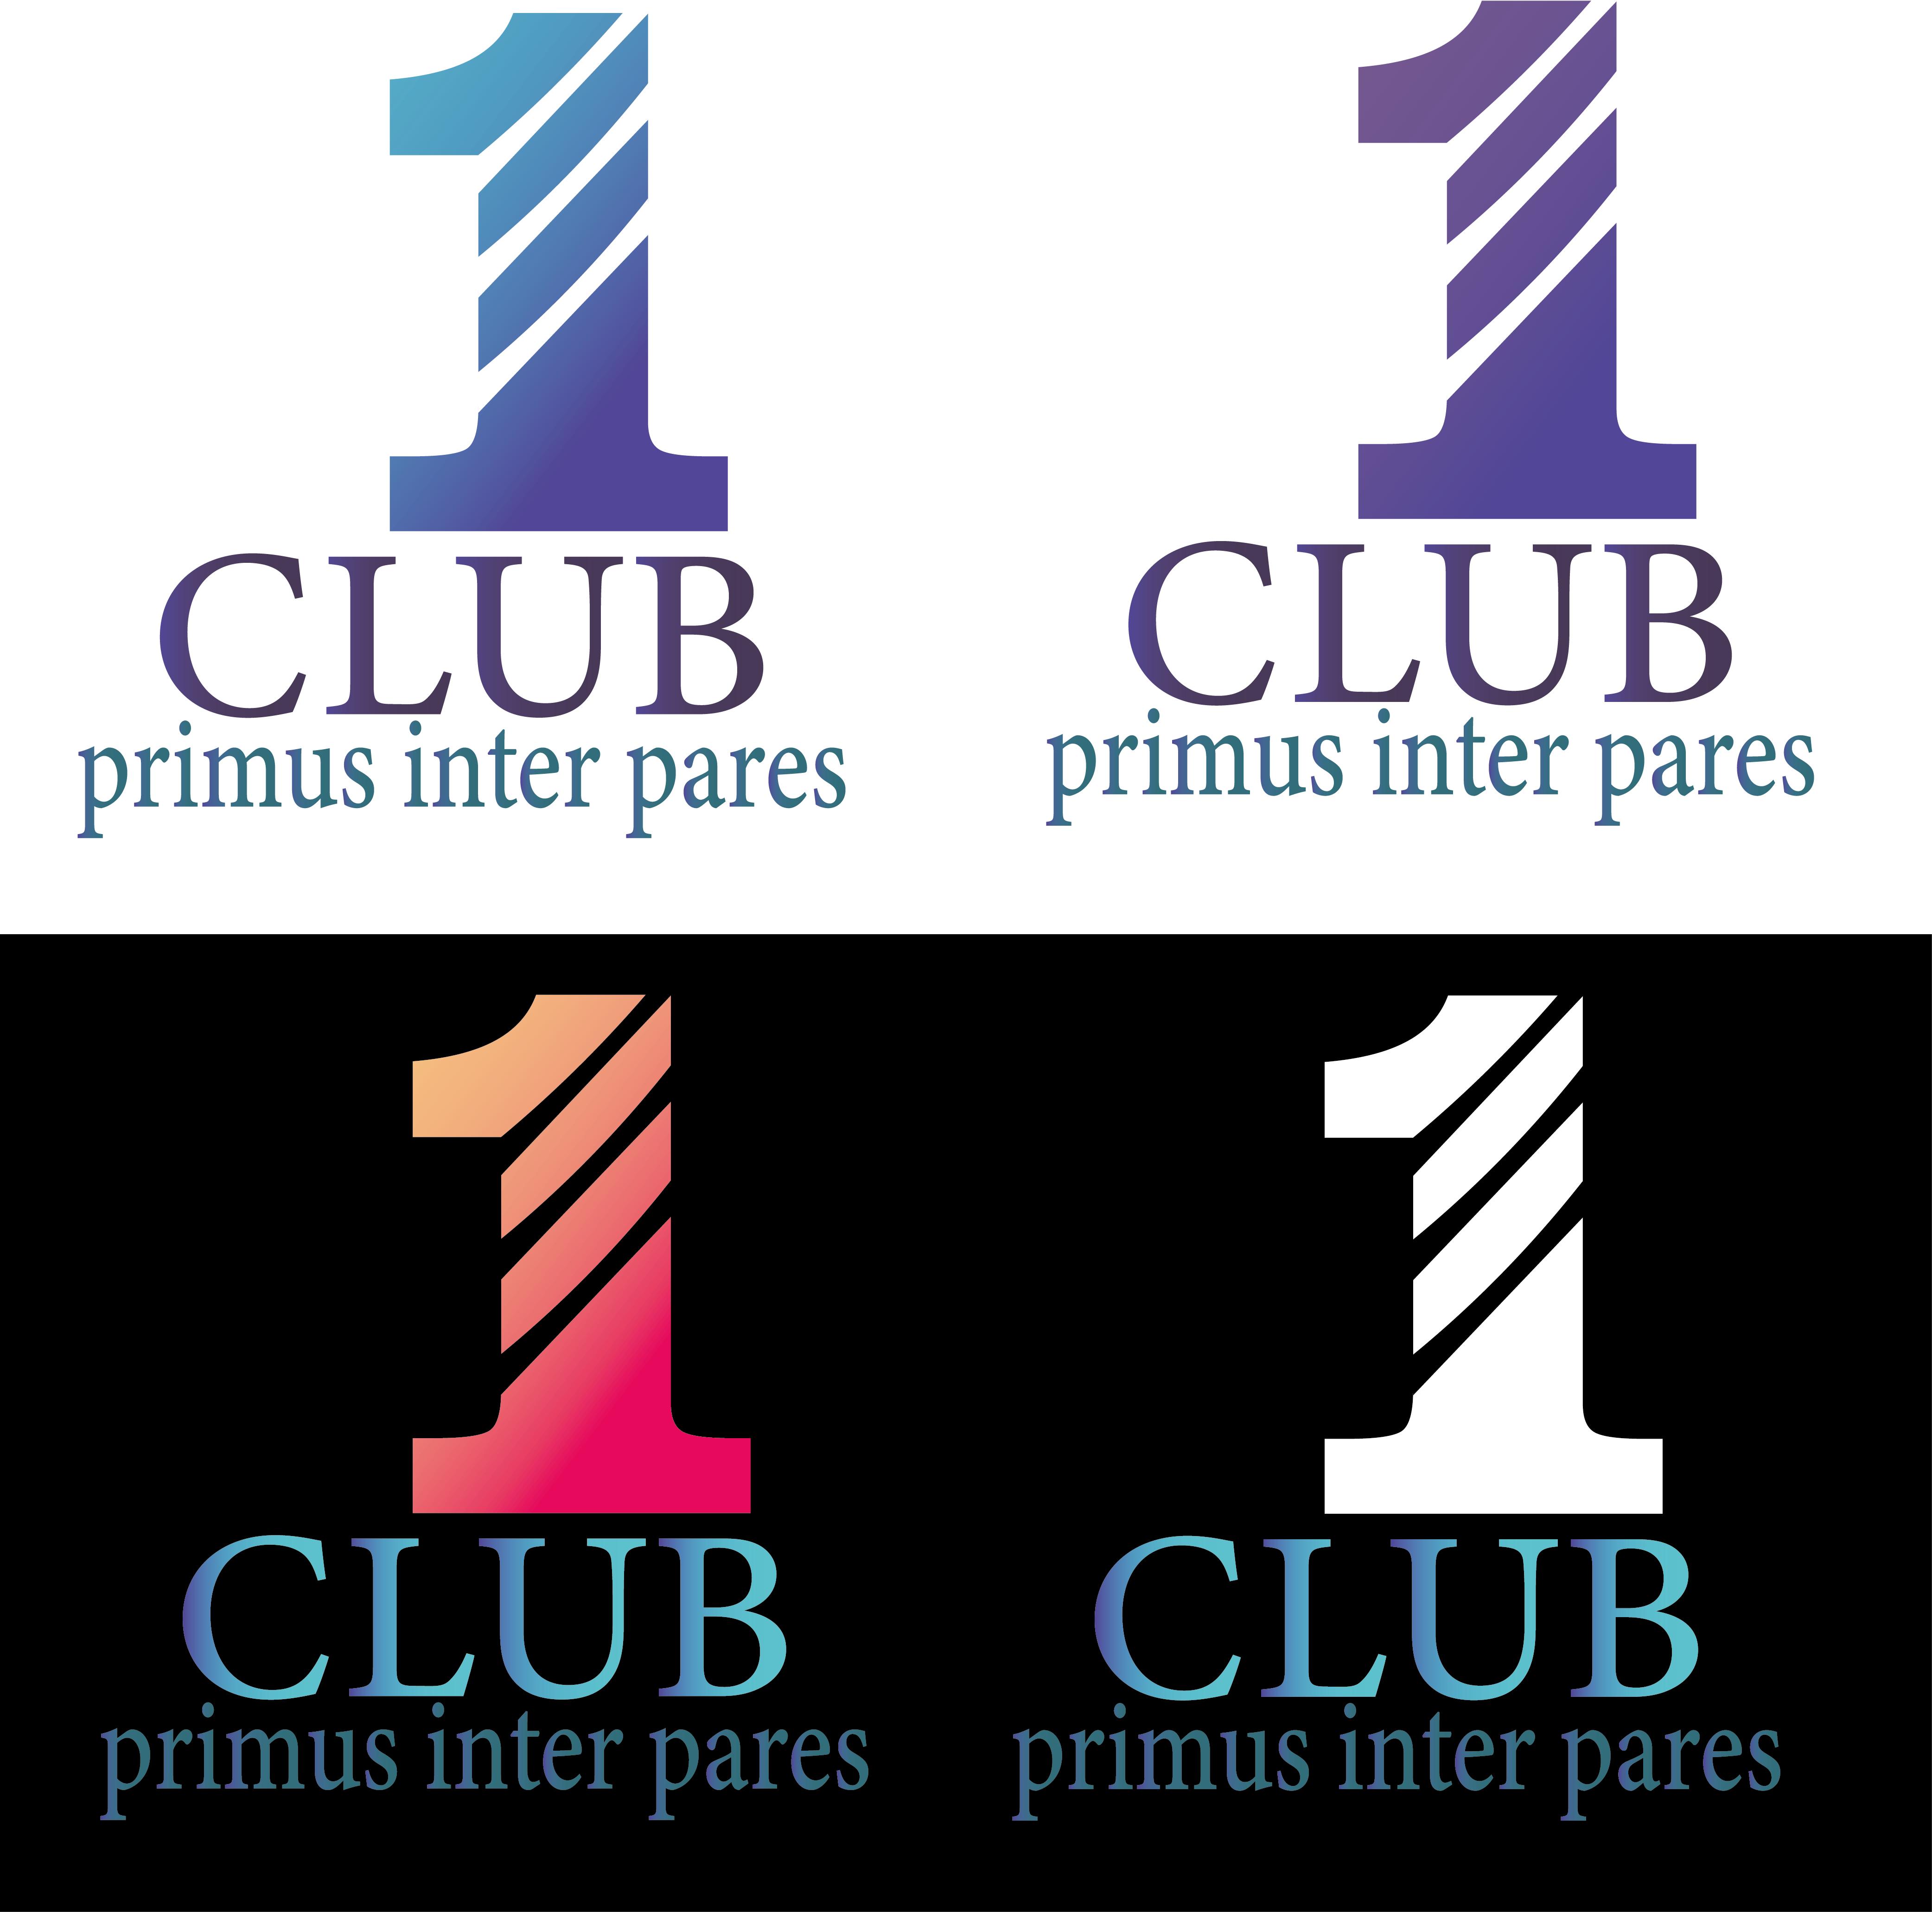 Логотип делового клуба фото f_4045f8a08deb1fcb.png